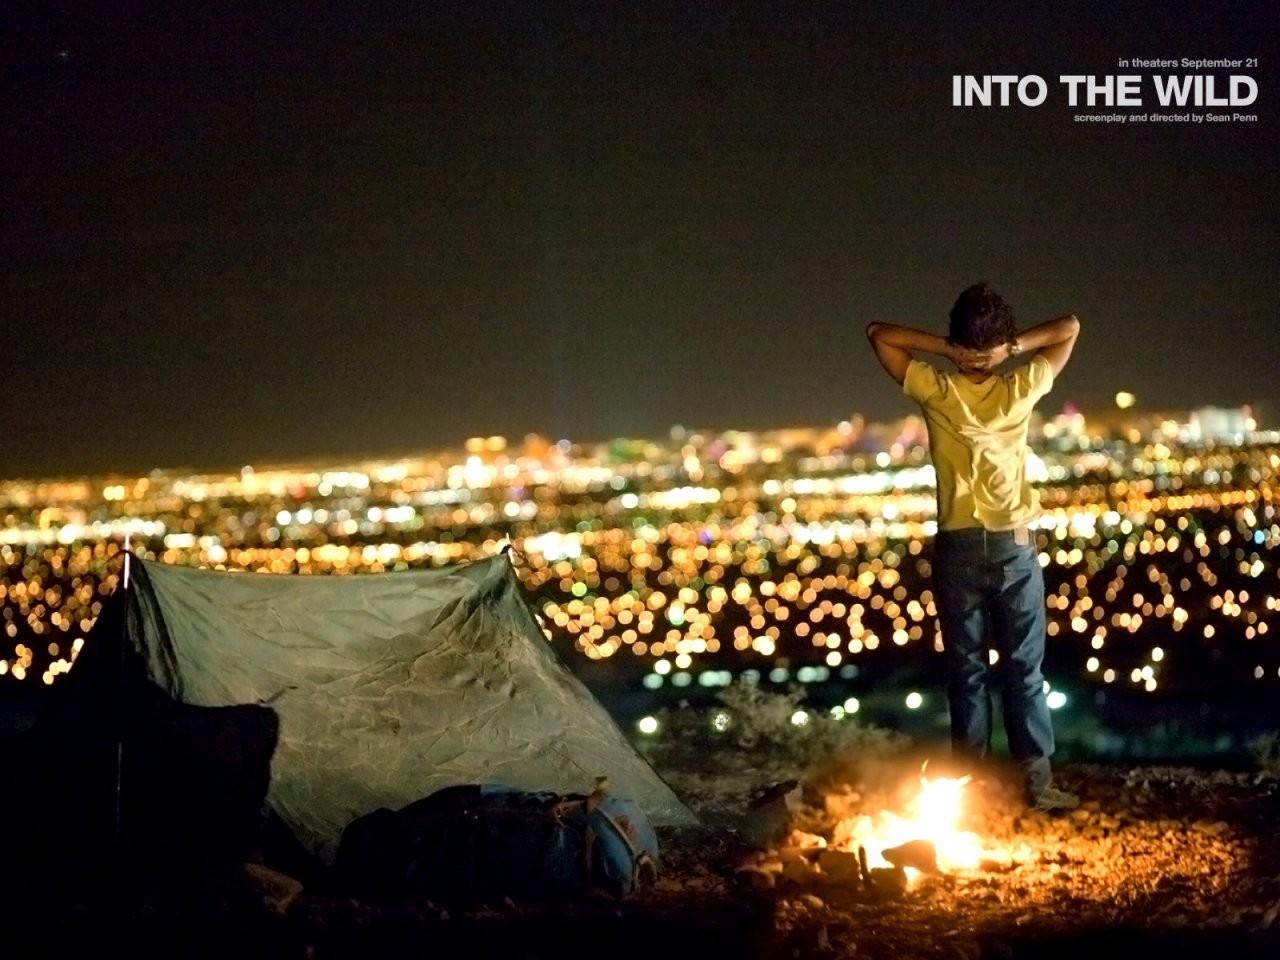 Топ-10 лучших фильмов о путешествиях. Это нужно посмотреть!